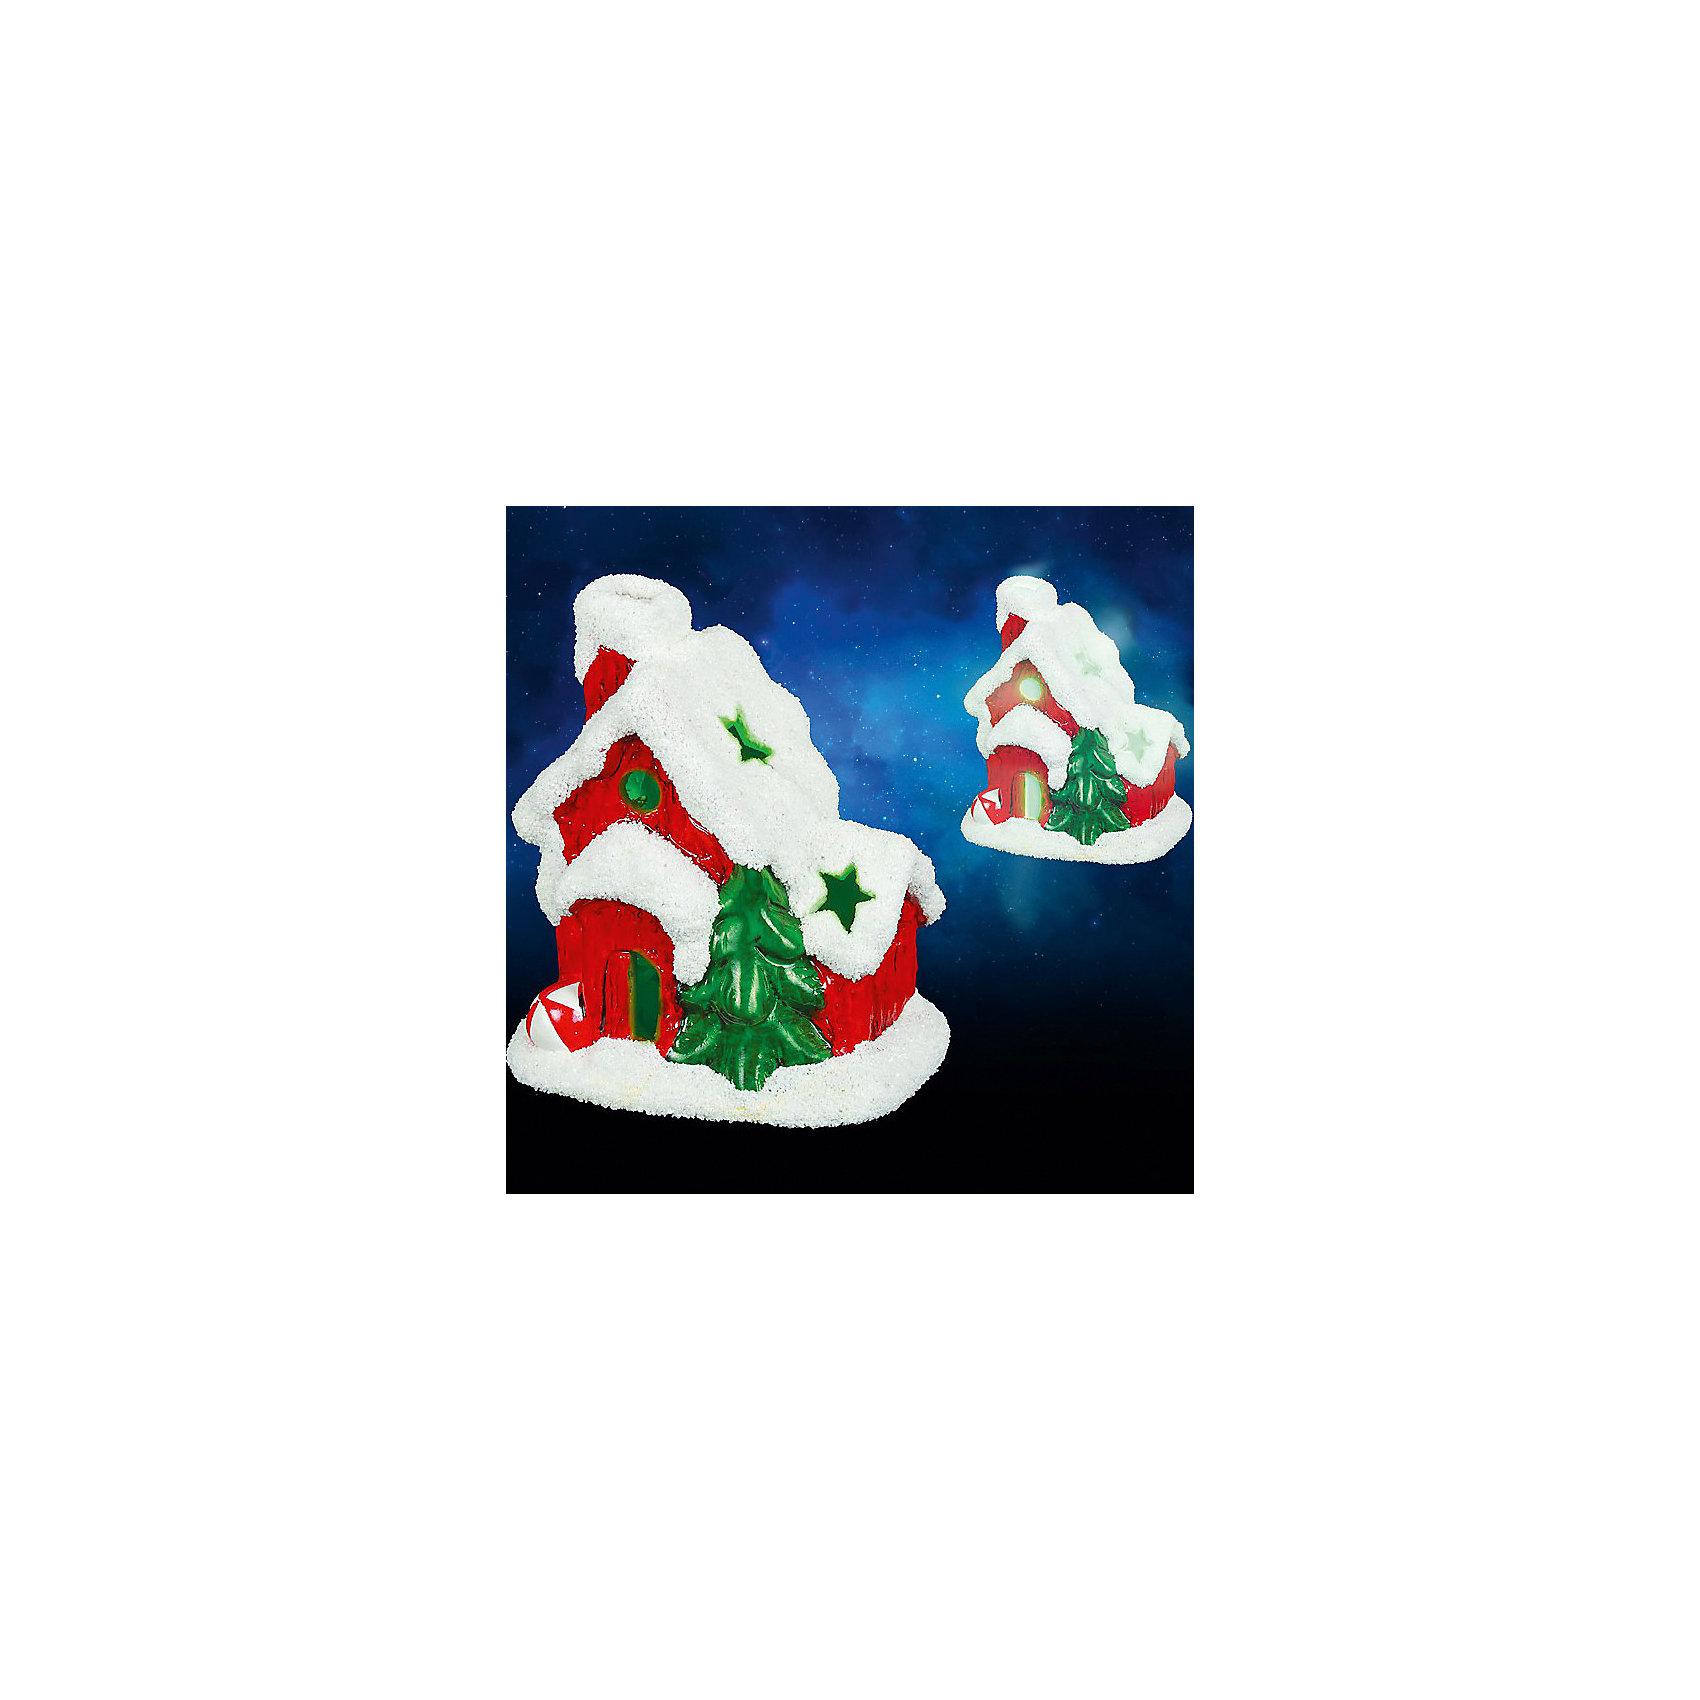 Керамический сувенир Домик с подсветкой, 9х7х10 смКерамический сувенир Домик с подсветкой. Прекрасный новогодний сувенир обязательно создаст атмосферу праздника. <br><br>Дополнительная информация:<br><br>- Материал: керамика<br>- Размер: 9х7х10 см<br>- Цвет: красный, белый, зеленый<br>- Работает от батарейки<br><br>Керамический сувенир с подсветкой Домик можно купить в нашем магазине.<br><br>Ширина мм: 250<br>Глубина мм: 100<br>Высота мм: 100<br>Вес г: 250<br>Возраст от месяцев: 36<br>Возраст до месяцев: 216<br>Пол: Унисекс<br>Возраст: Детский<br>SKU: 3822110